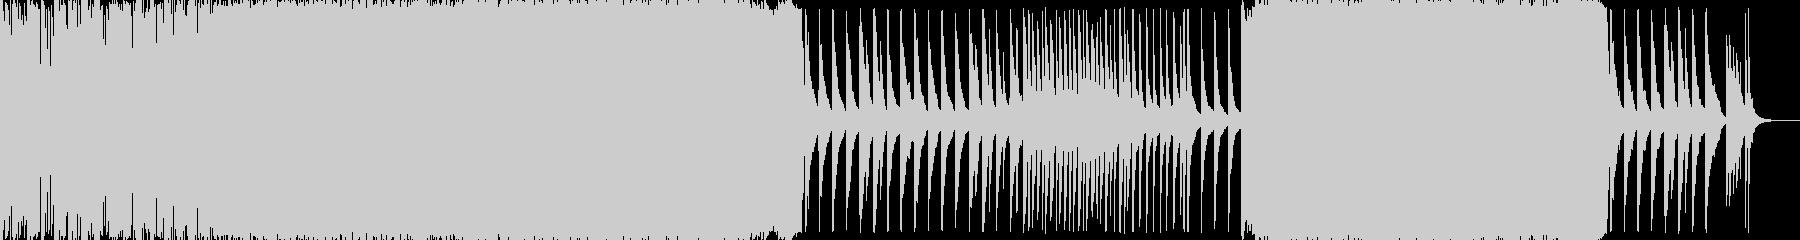 爽やかキラキラポップスなオープニング曲の未再生の波形